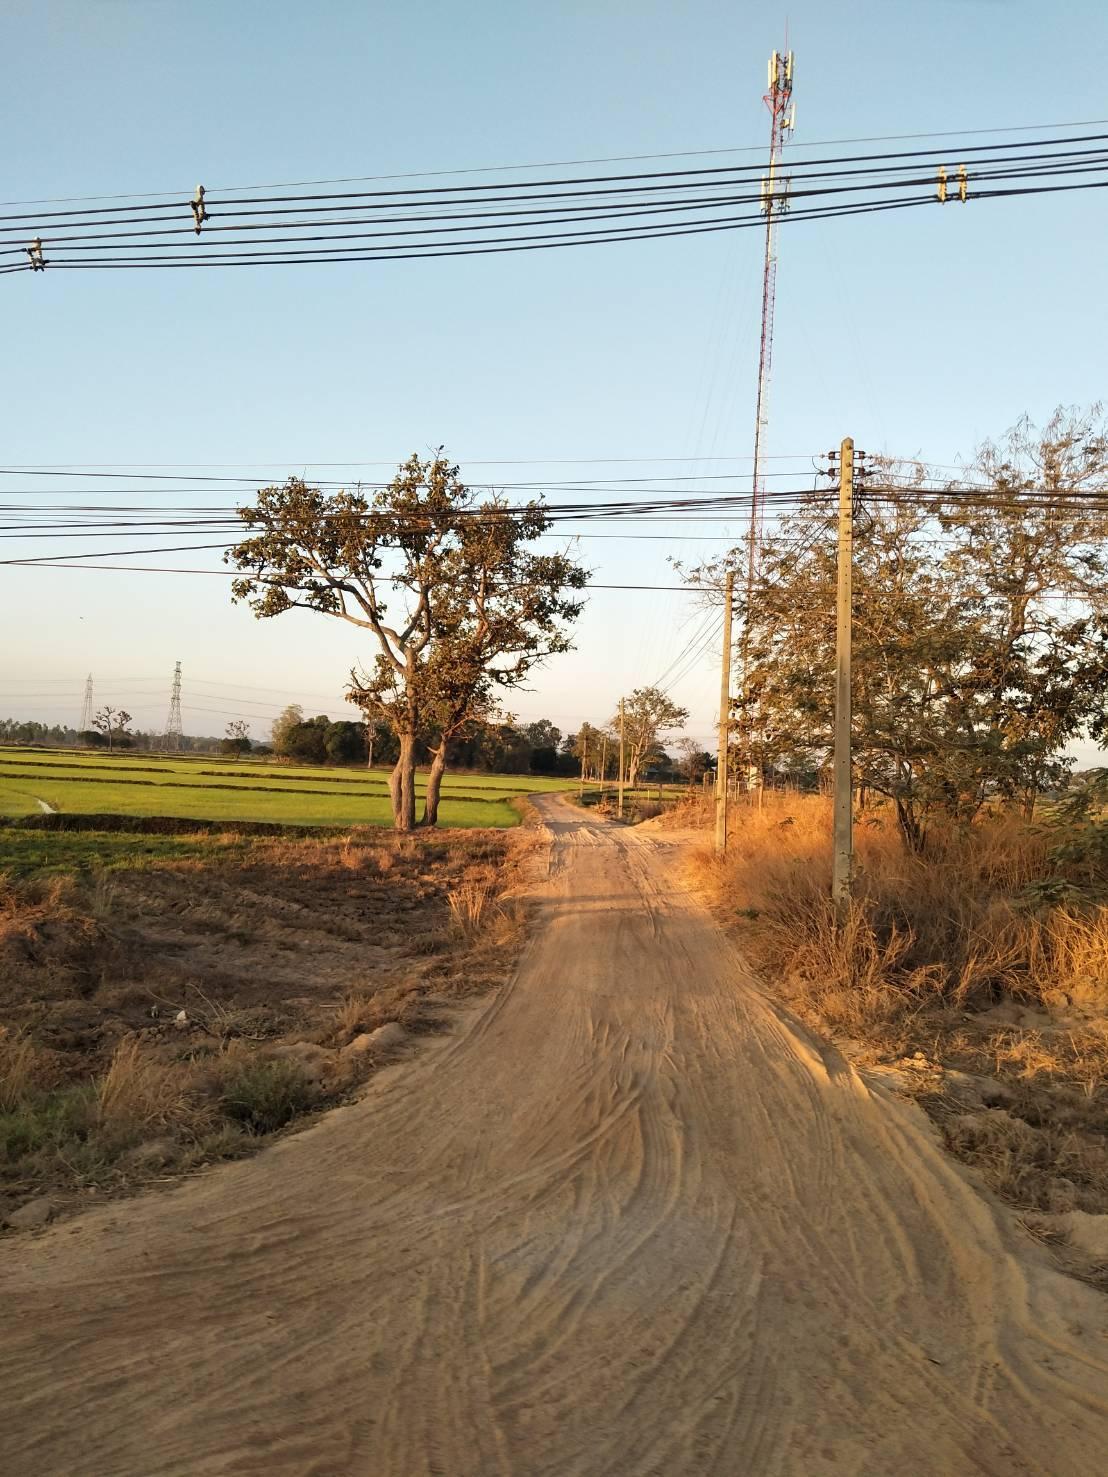 ภาพที่ดินสวยติดถนน อำเภอเสลภูมิ จังหวัดร้อยเอ็ด